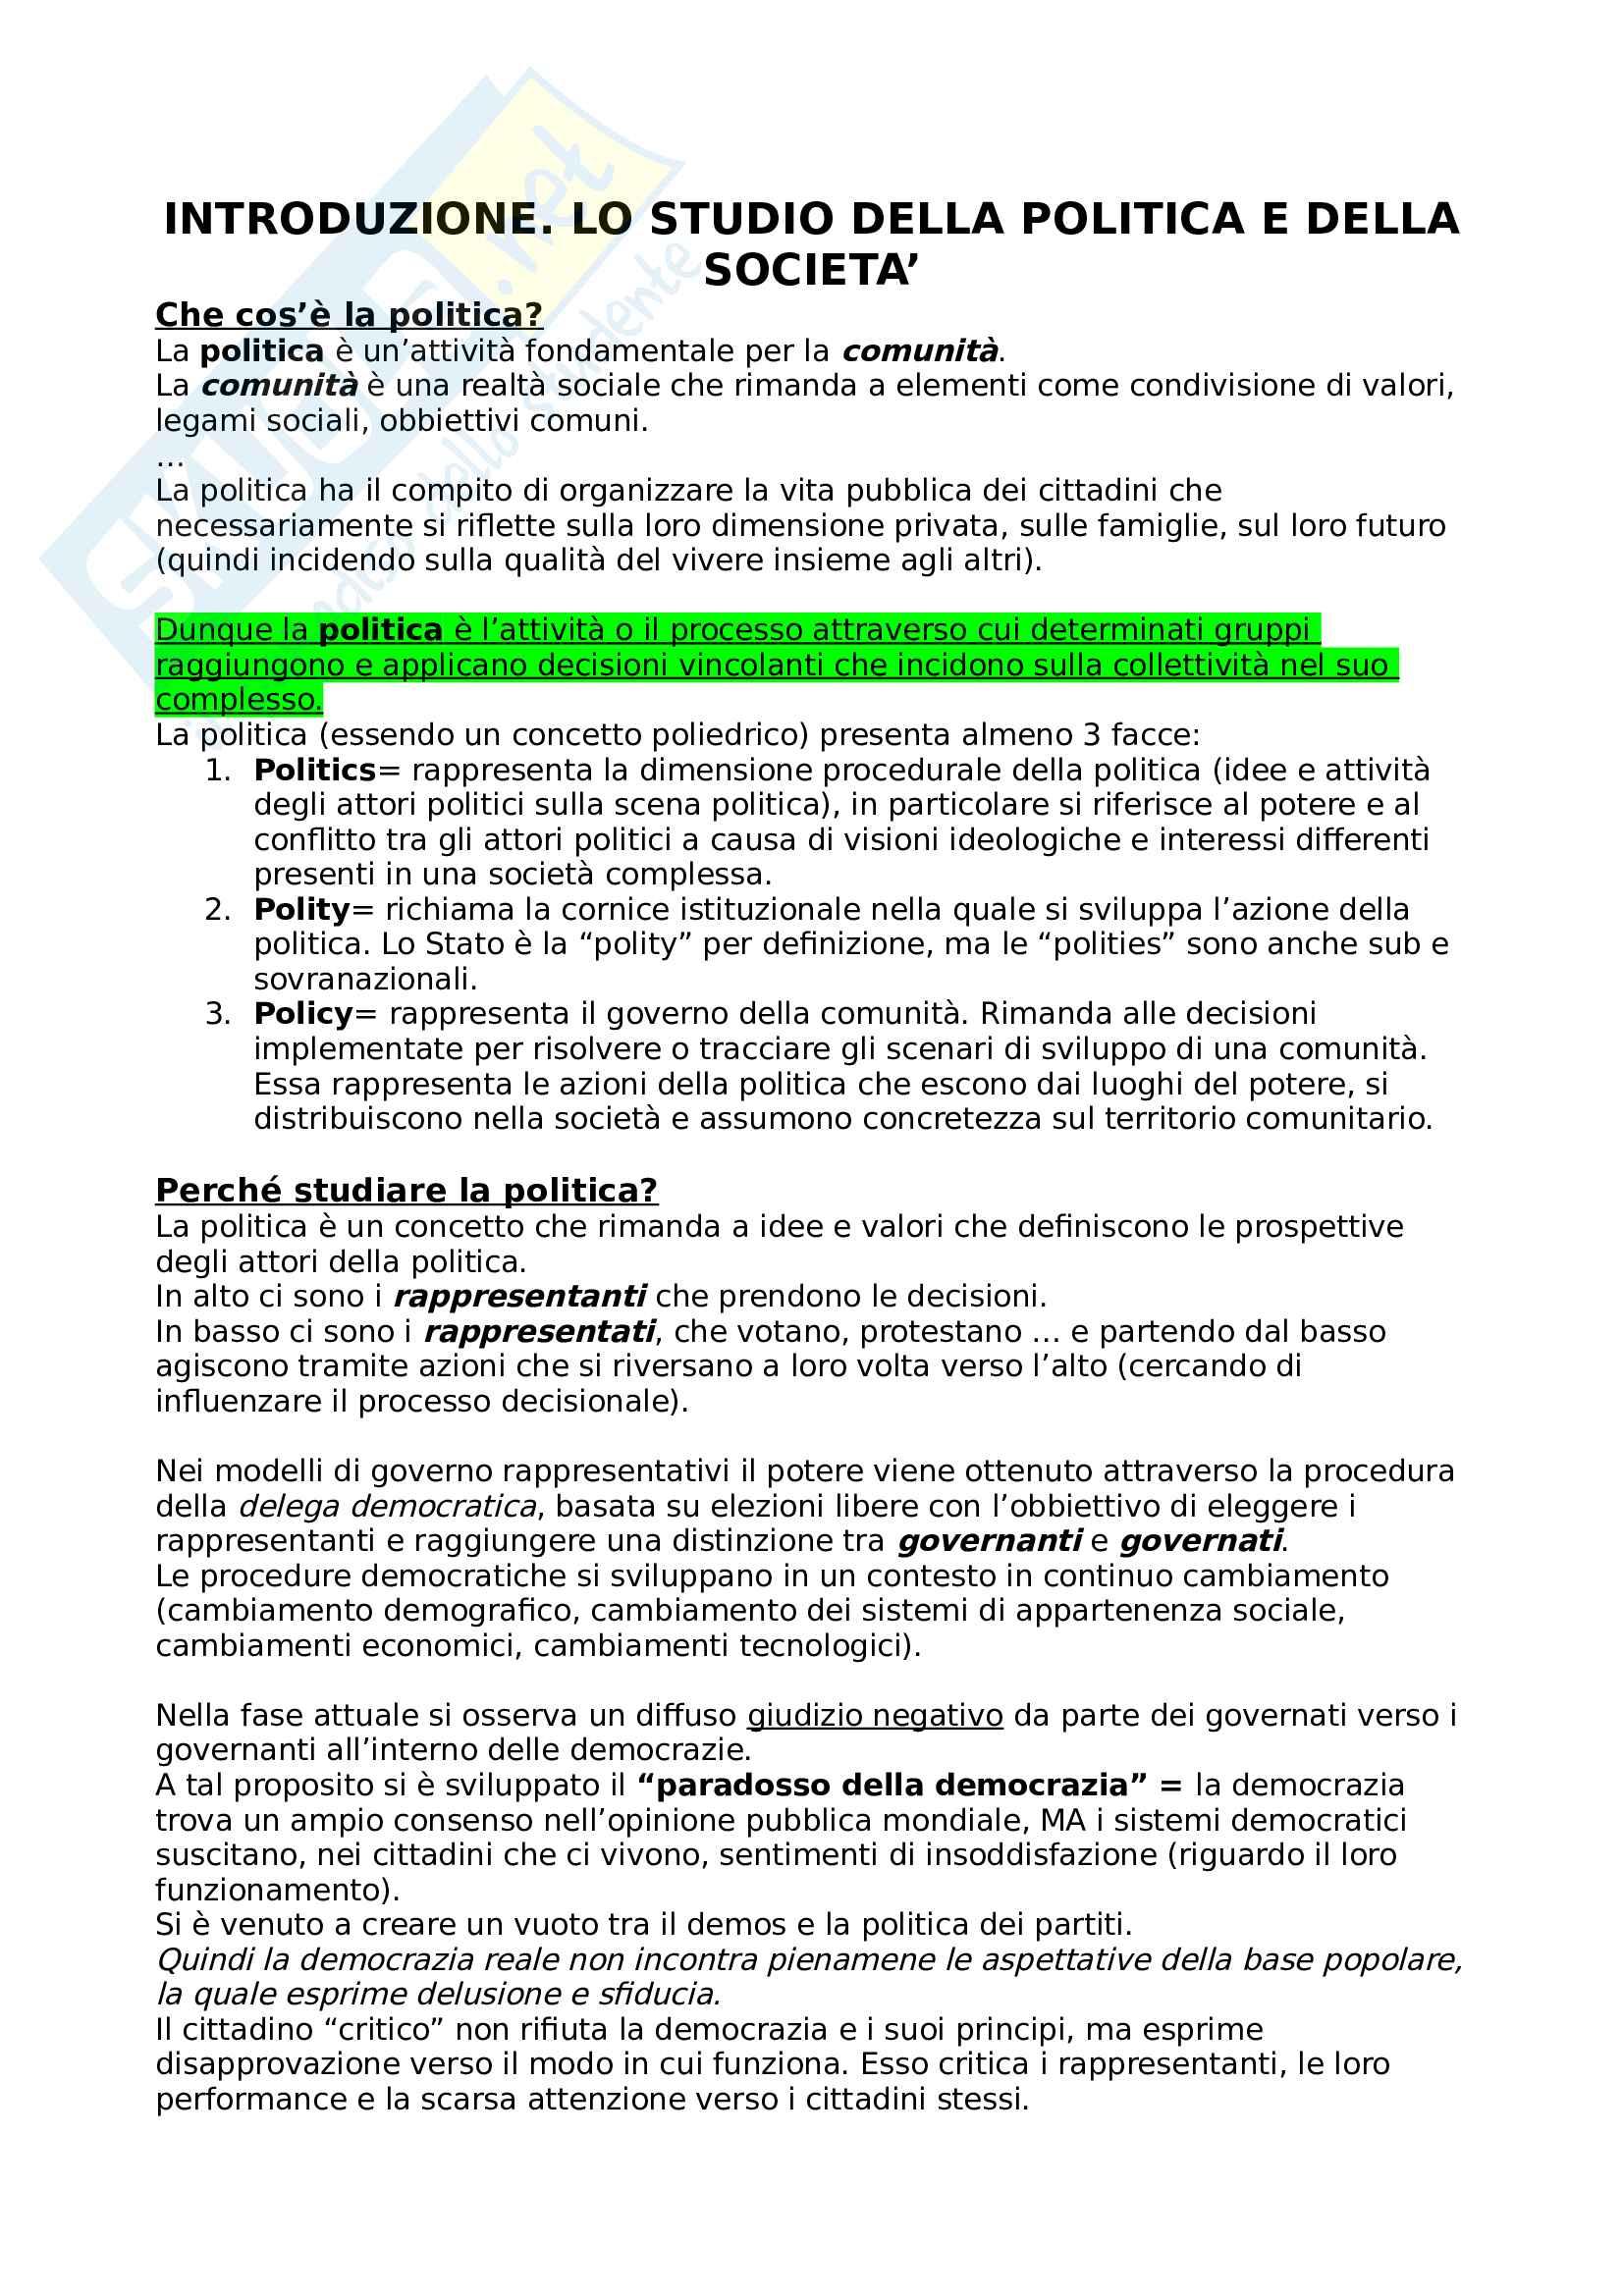 """Riassunto esame di sociologia politica, libro consigliato """"tra politica e società"""" di Ceccarini"""